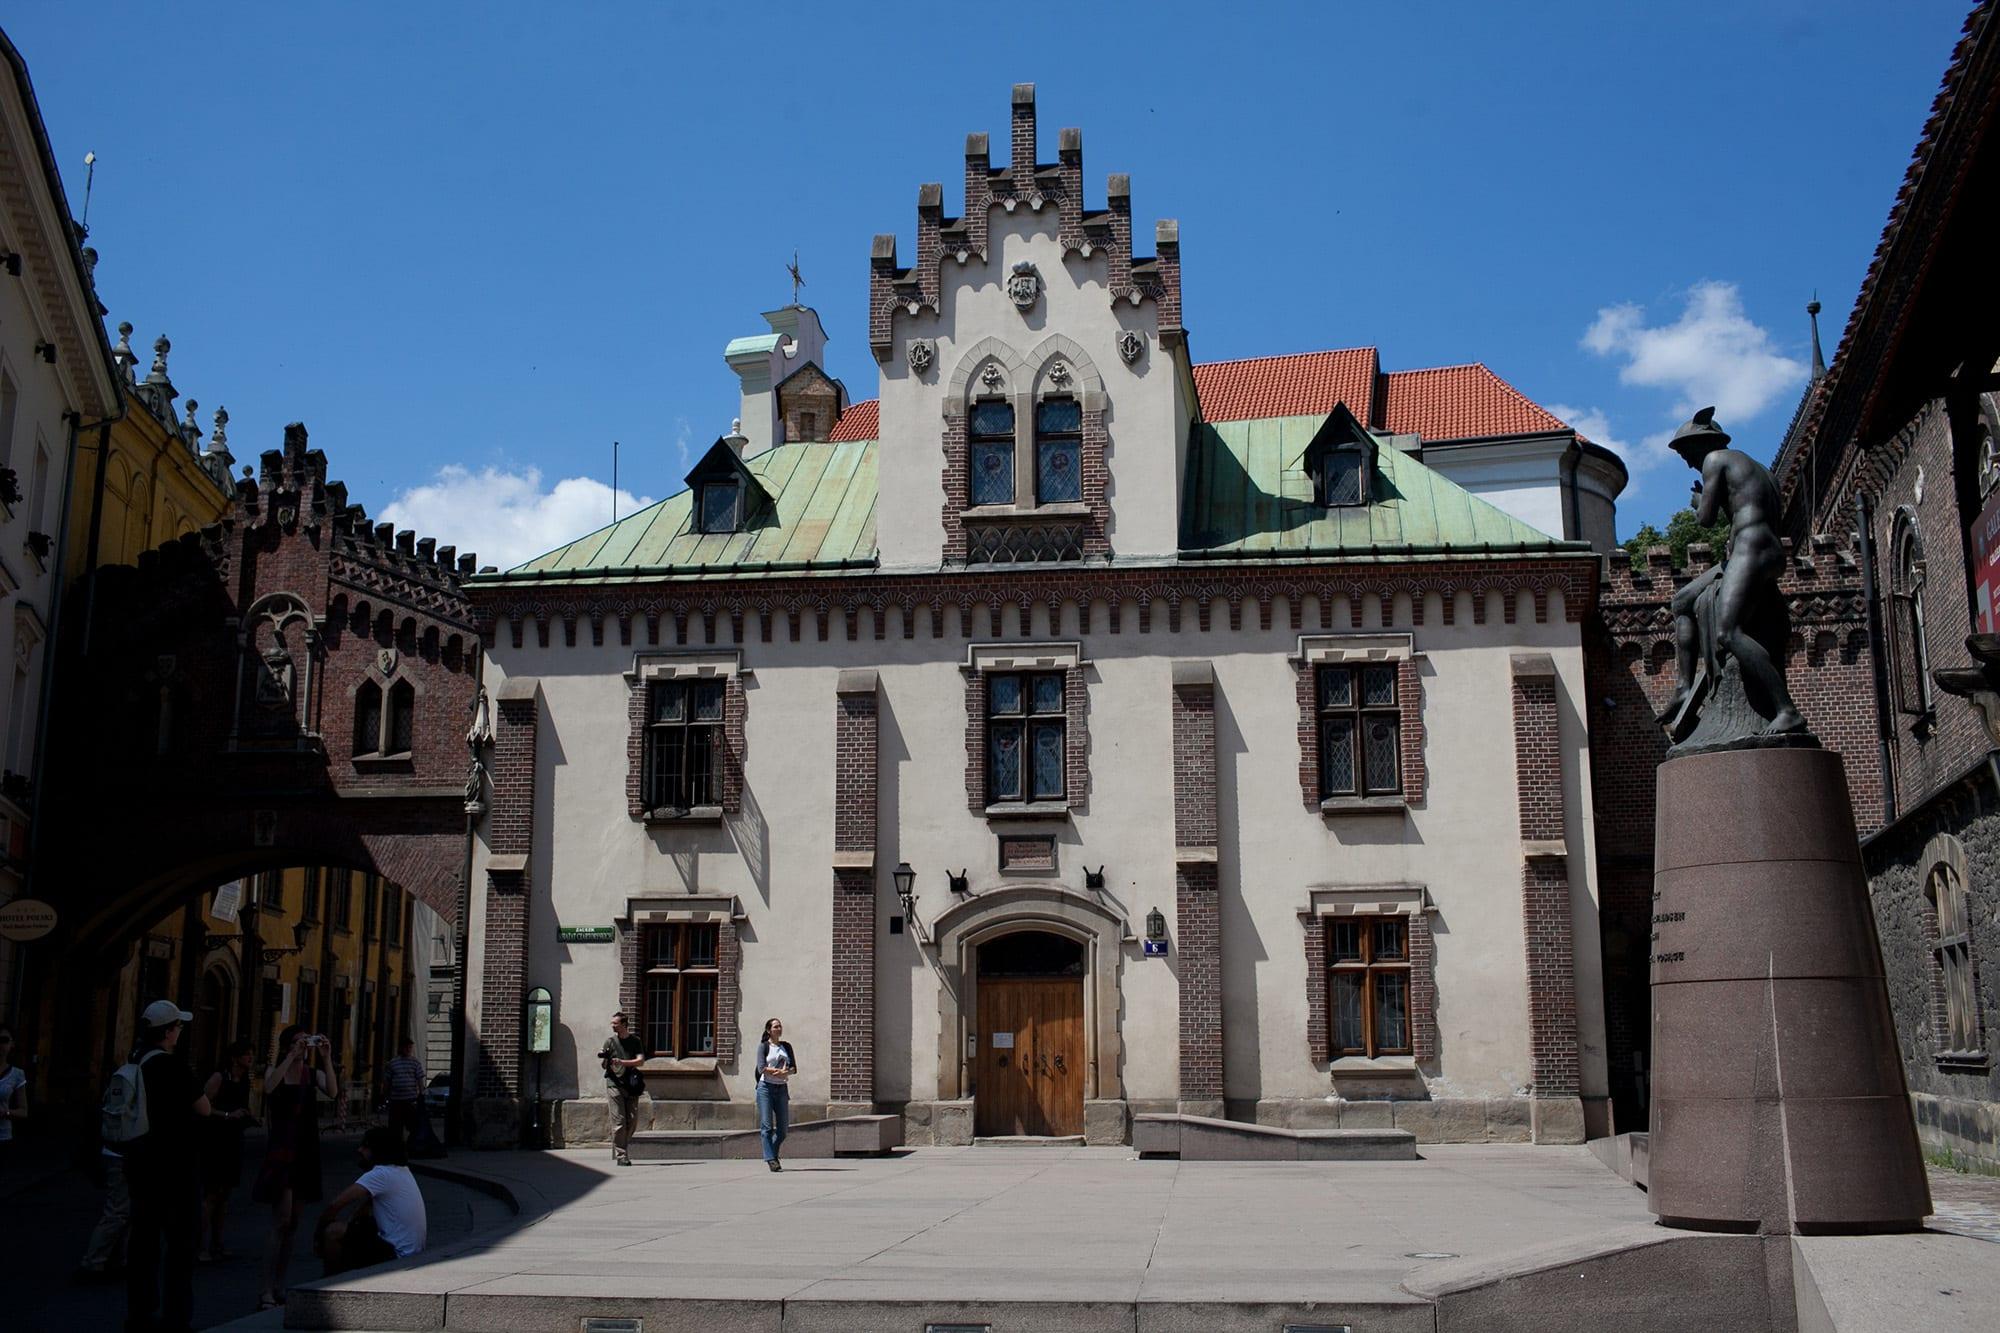 Krakow: Day 2